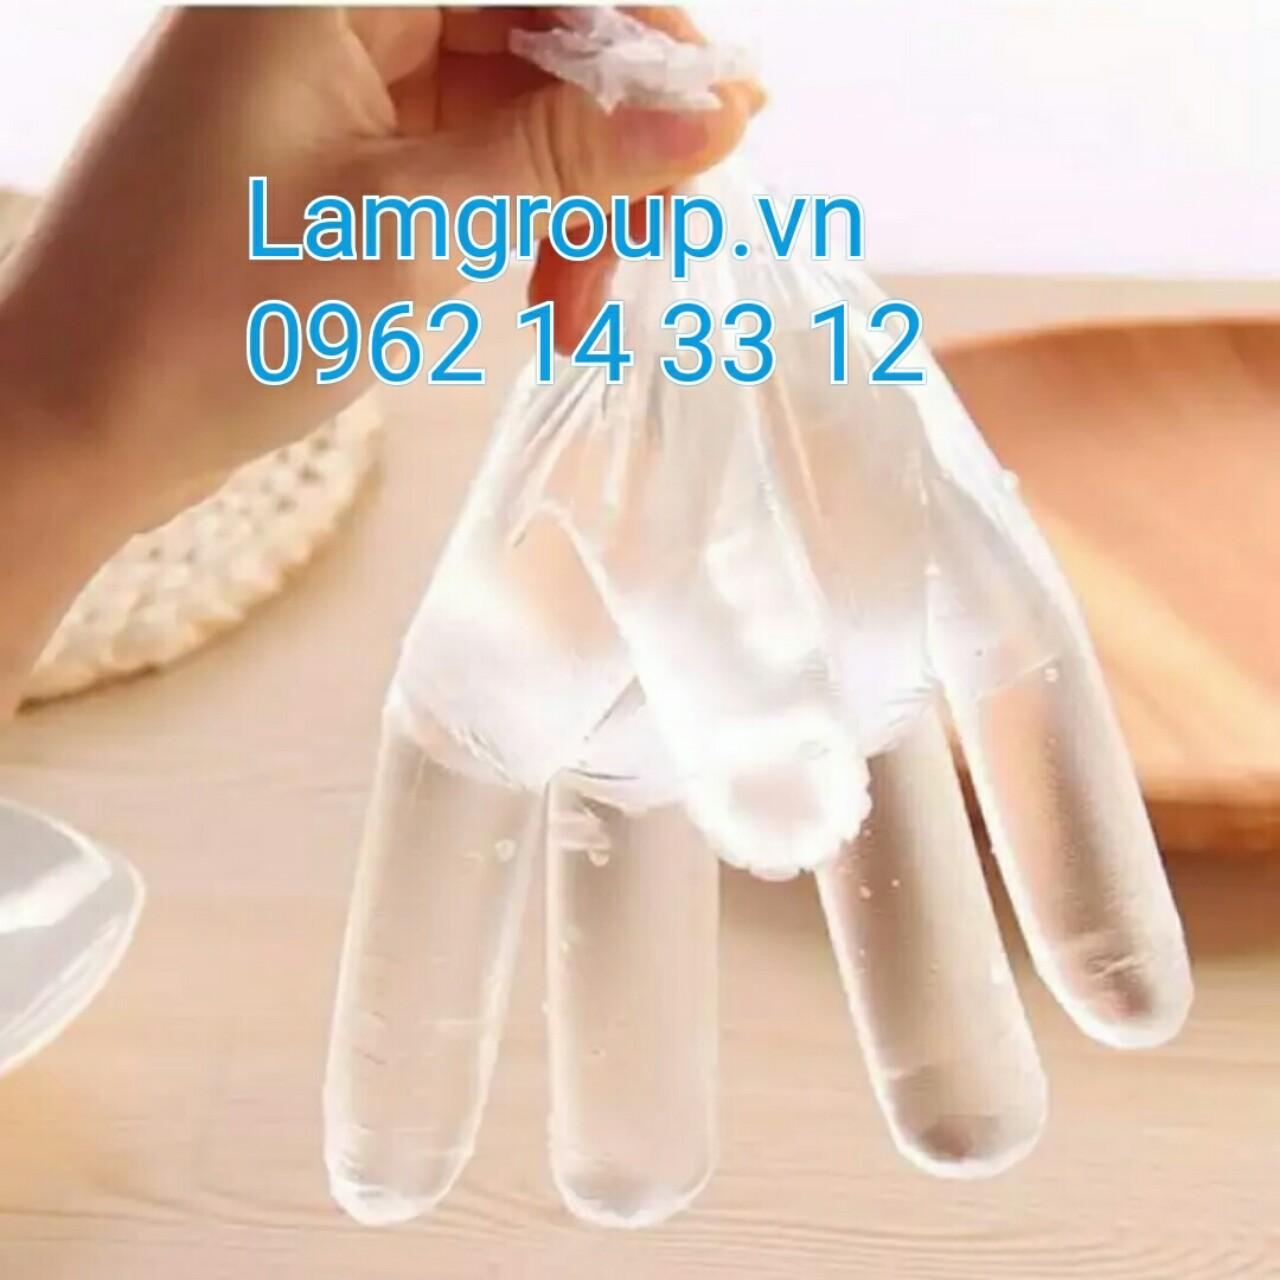 Găng tay nilon nhựa